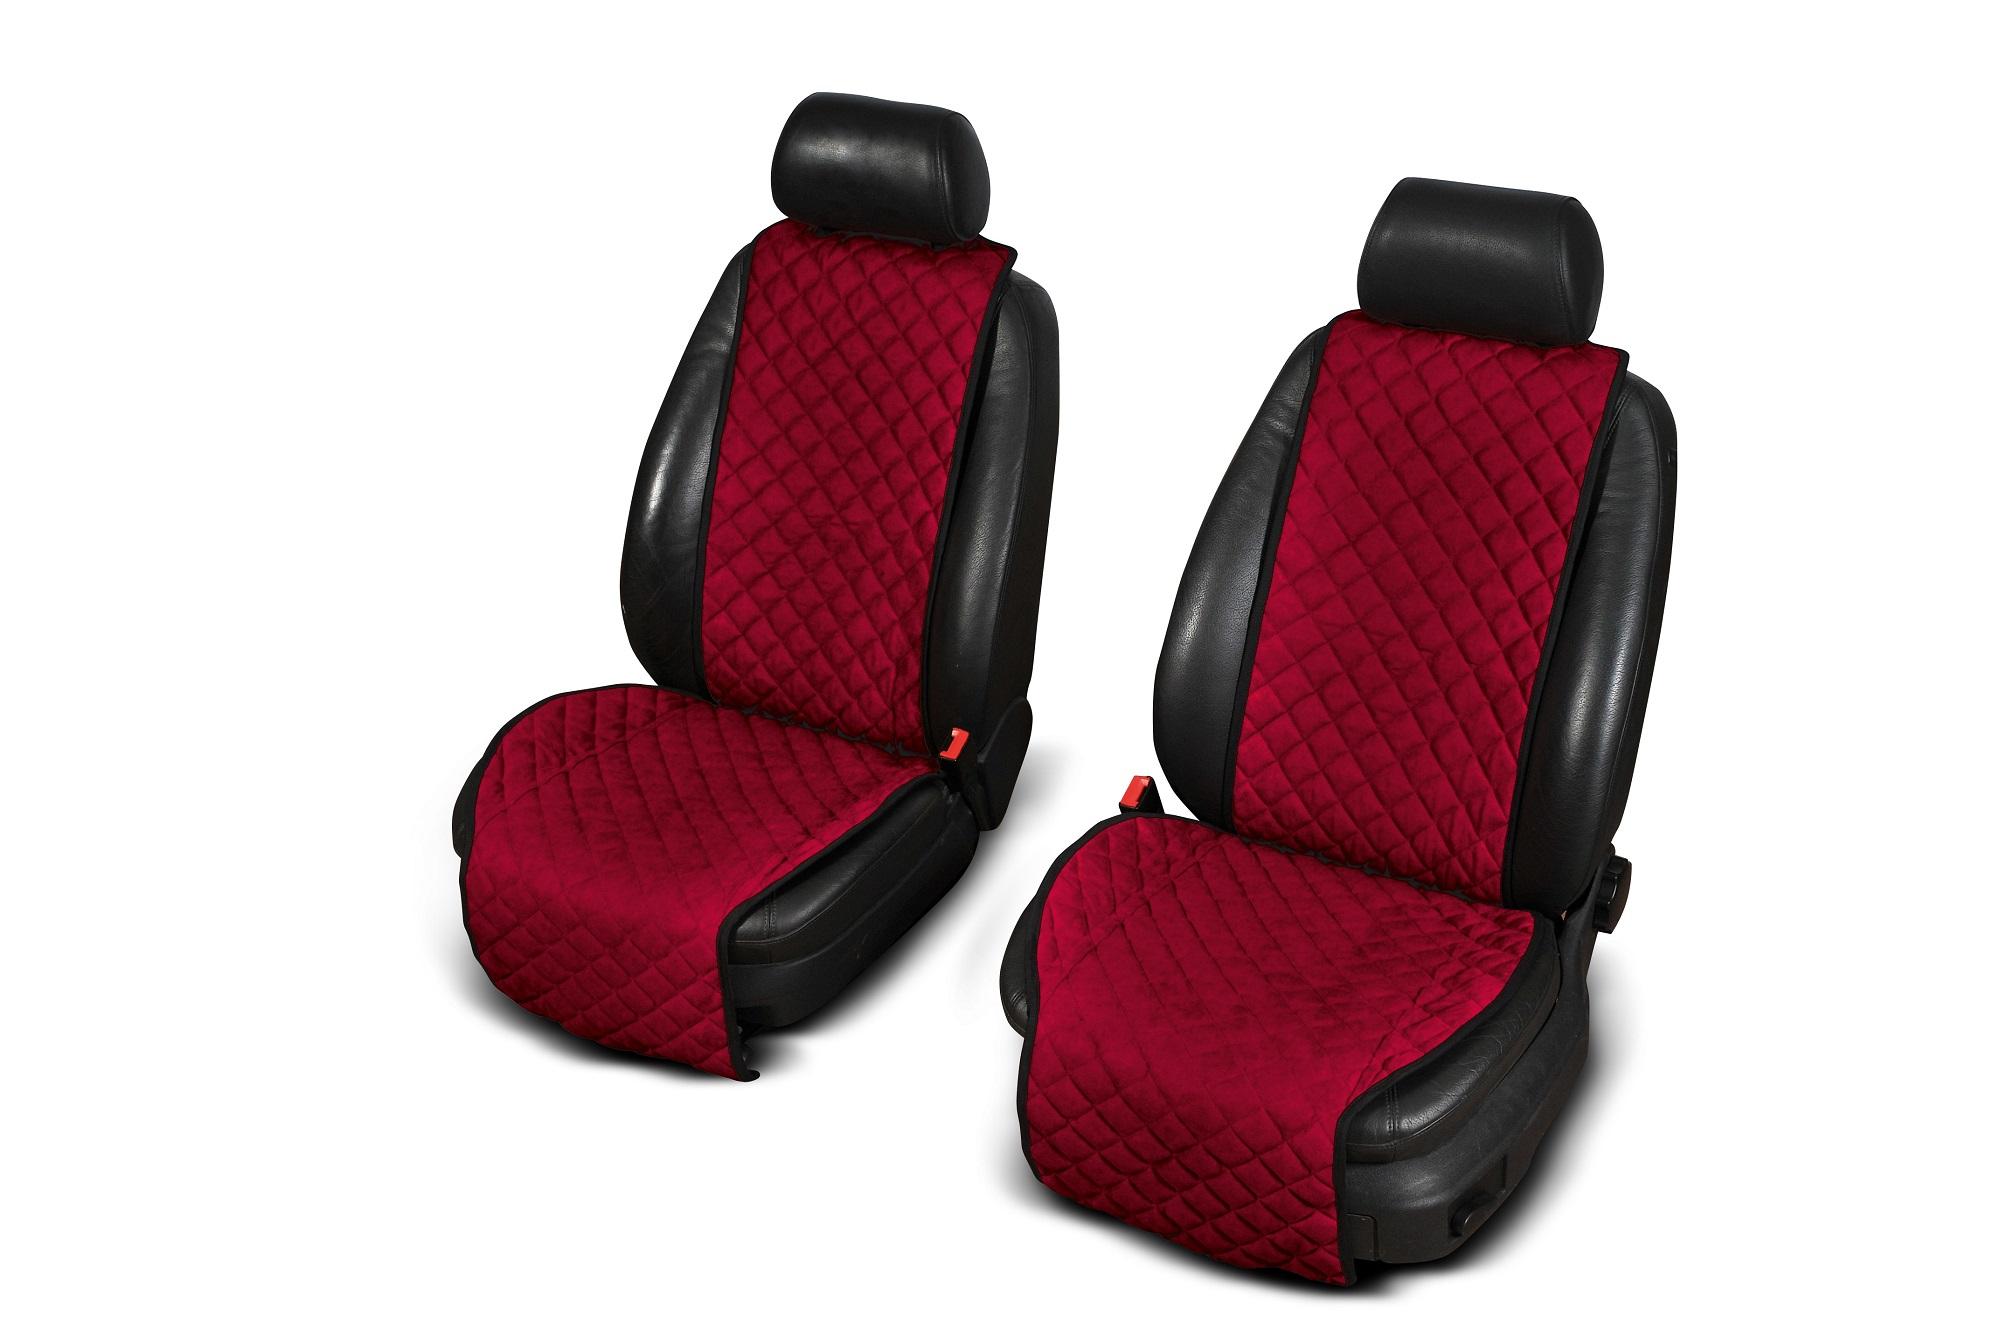 Autopotahy Cantra - ŠIROKÉ. 2x autopotahy na přední sedadla Barva: Černá se zlatým prošíváním